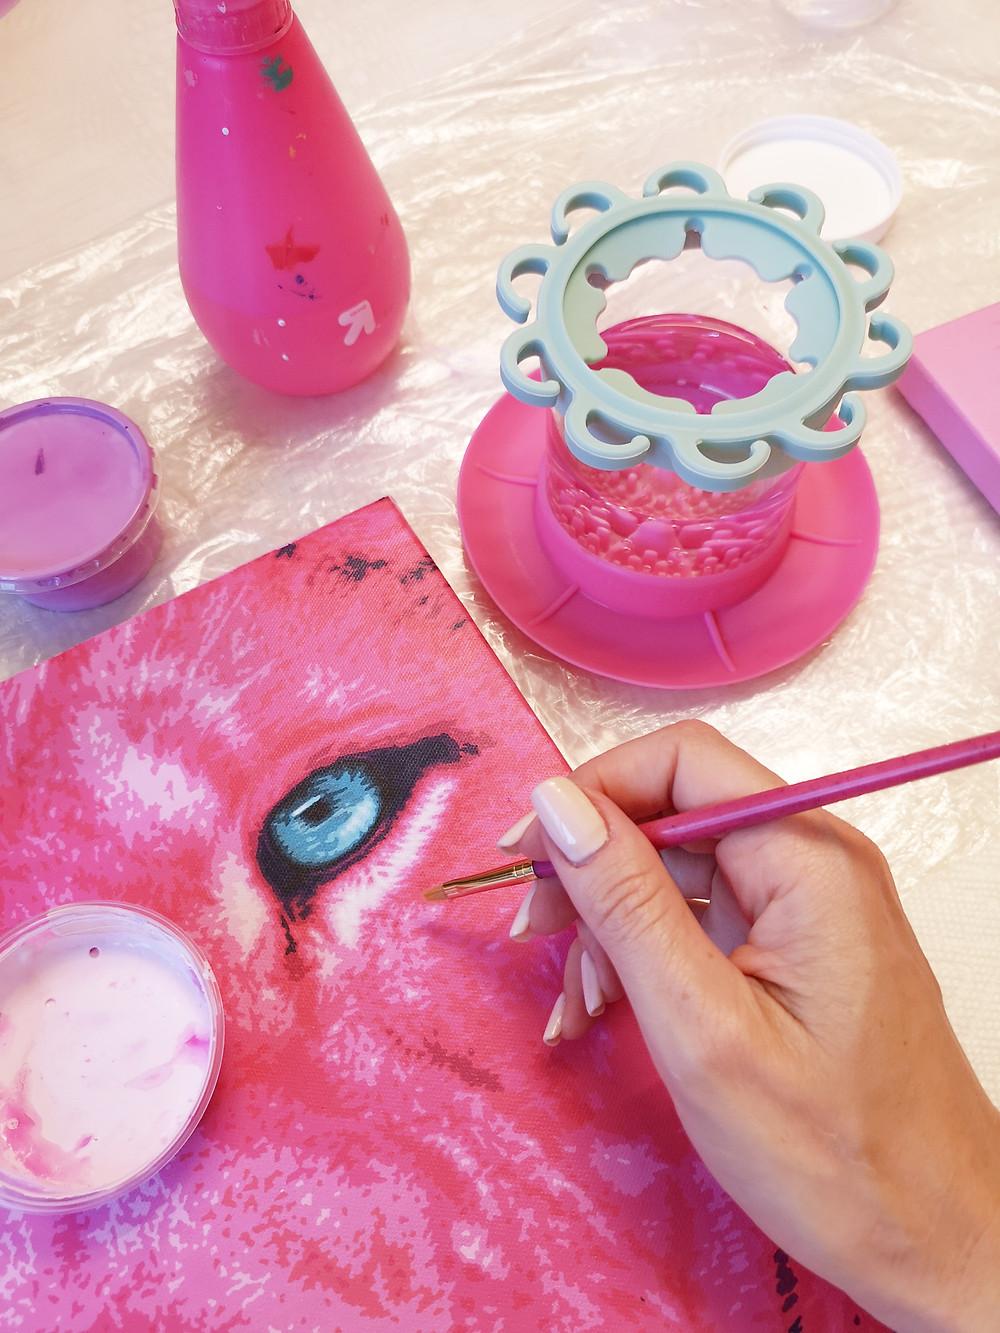 sabrina-rupprecht-capetown-artist-pink-safari